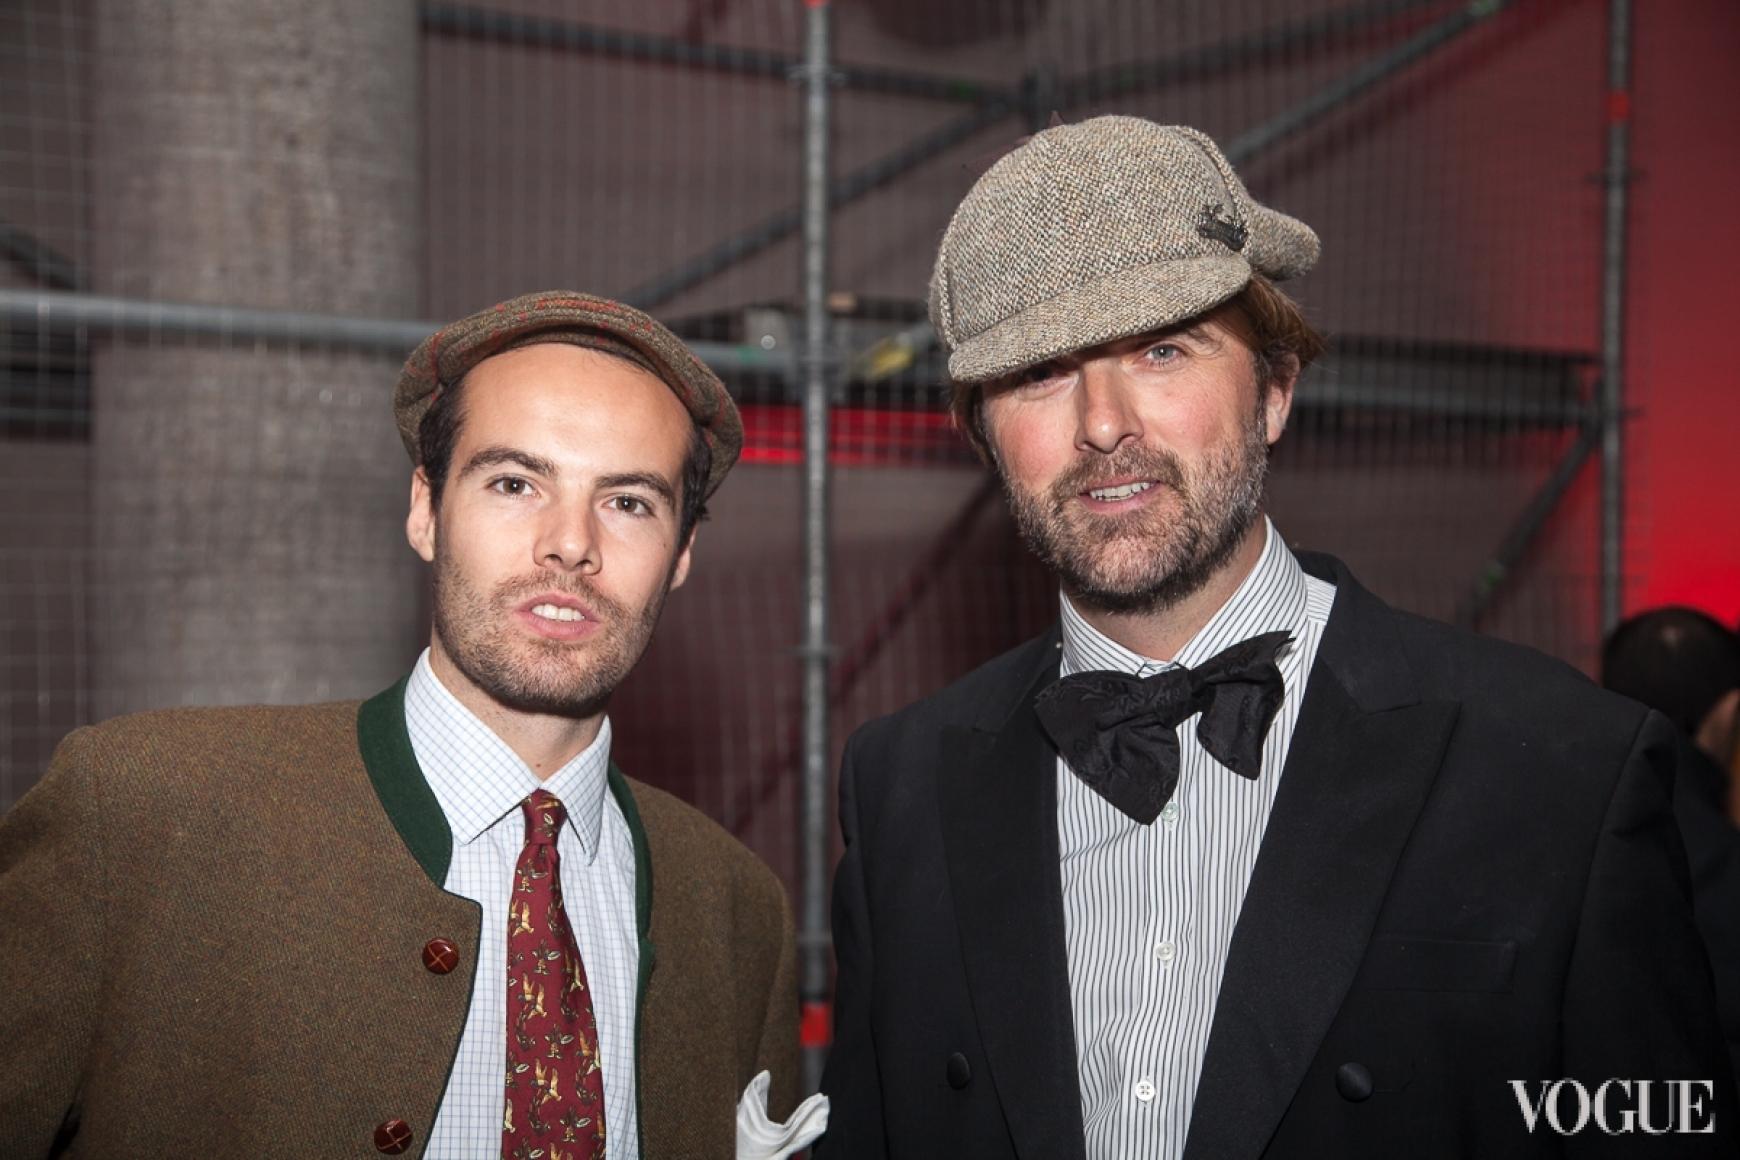 Rasmus Michau & Dj Yougz